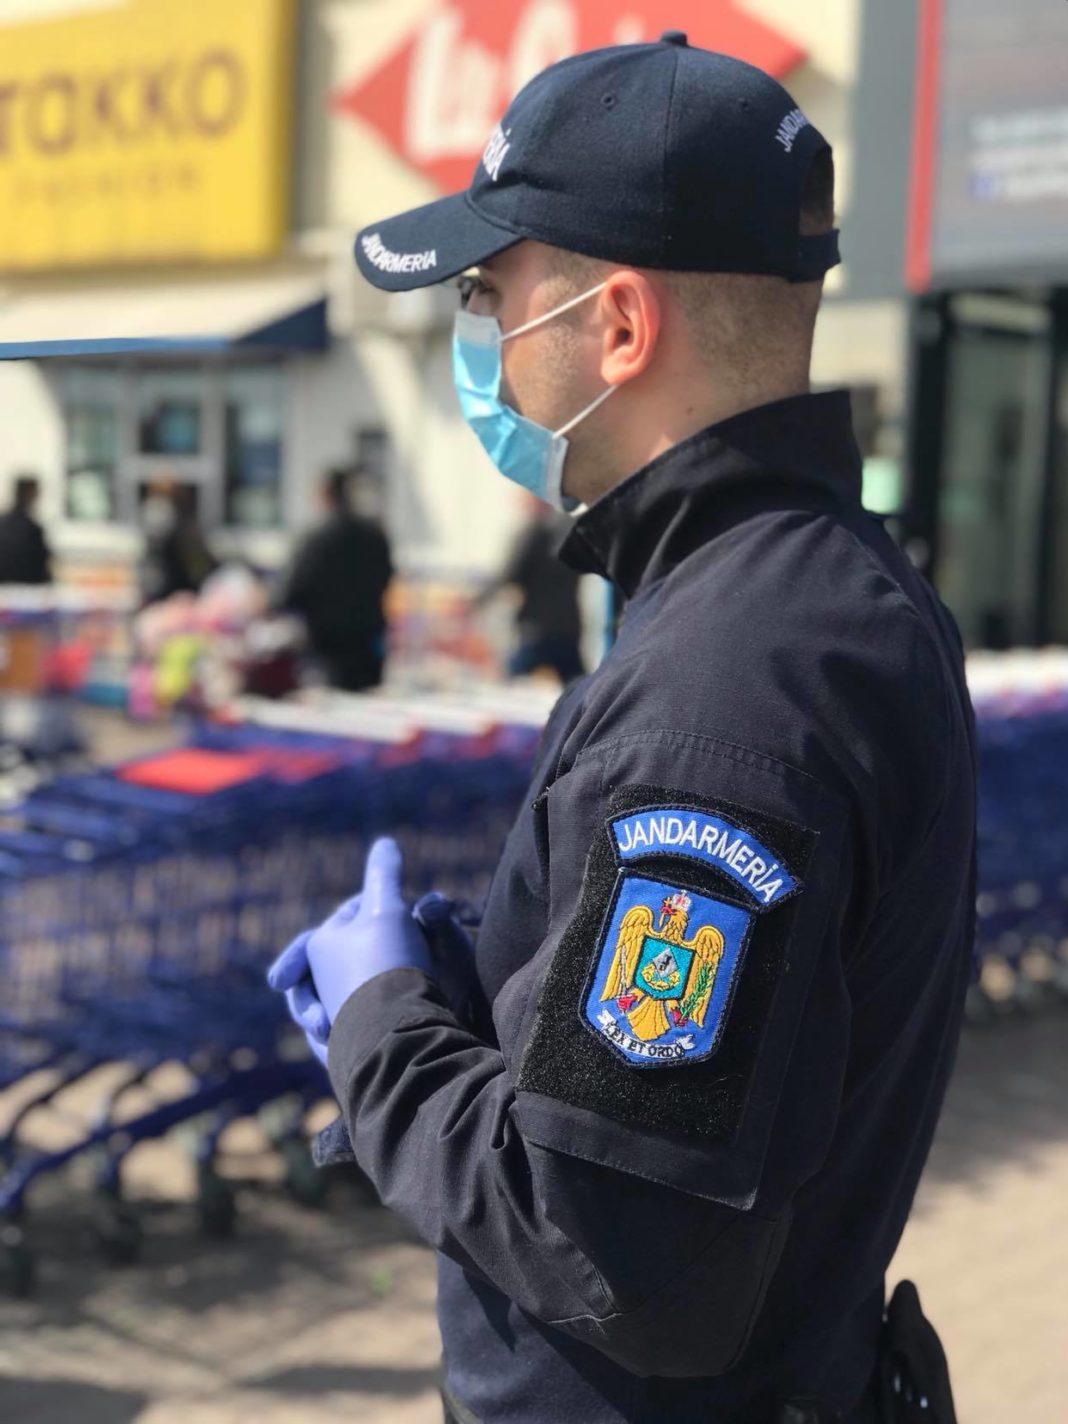 Jandarmii coninuă misiunile anti-COVID